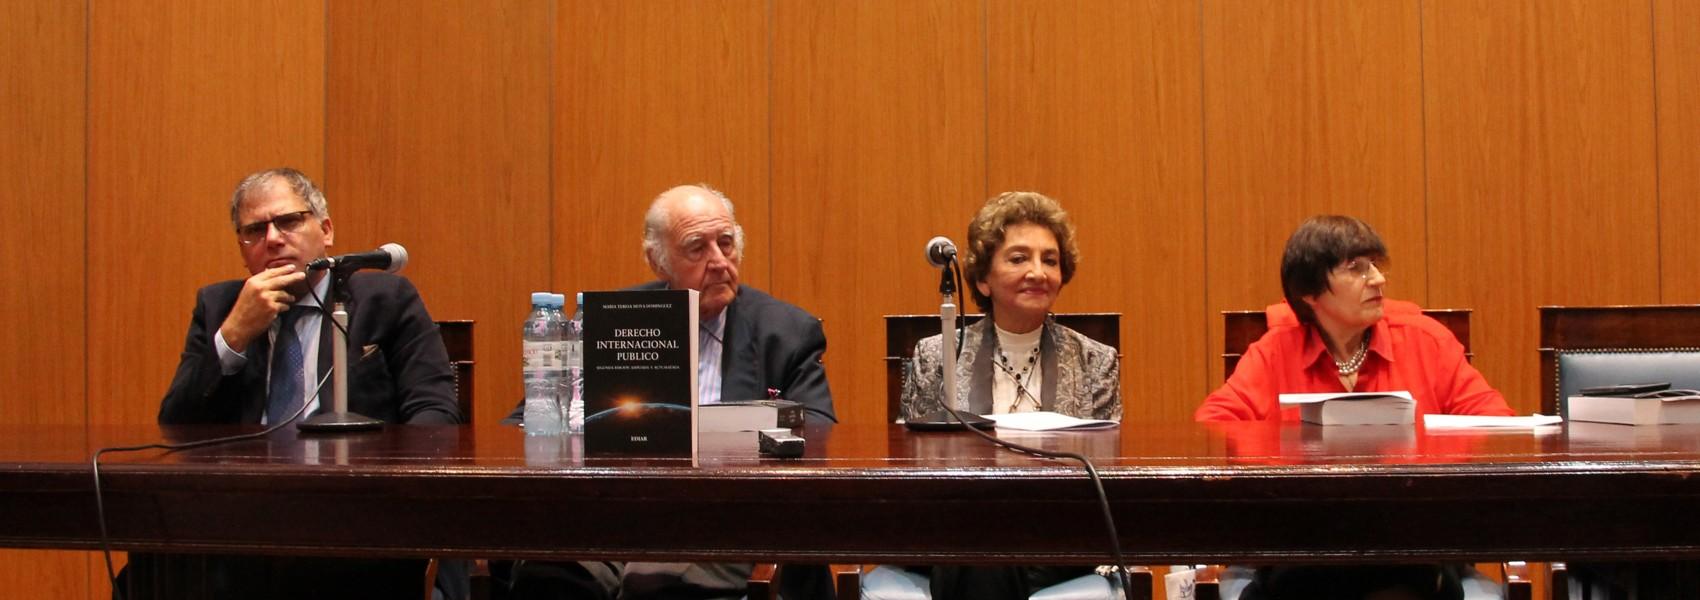 Calogero Pizzolo, Juan Antonio Travieso, María Teresa Moya Domínguez y Lilian del Castillo Laborde